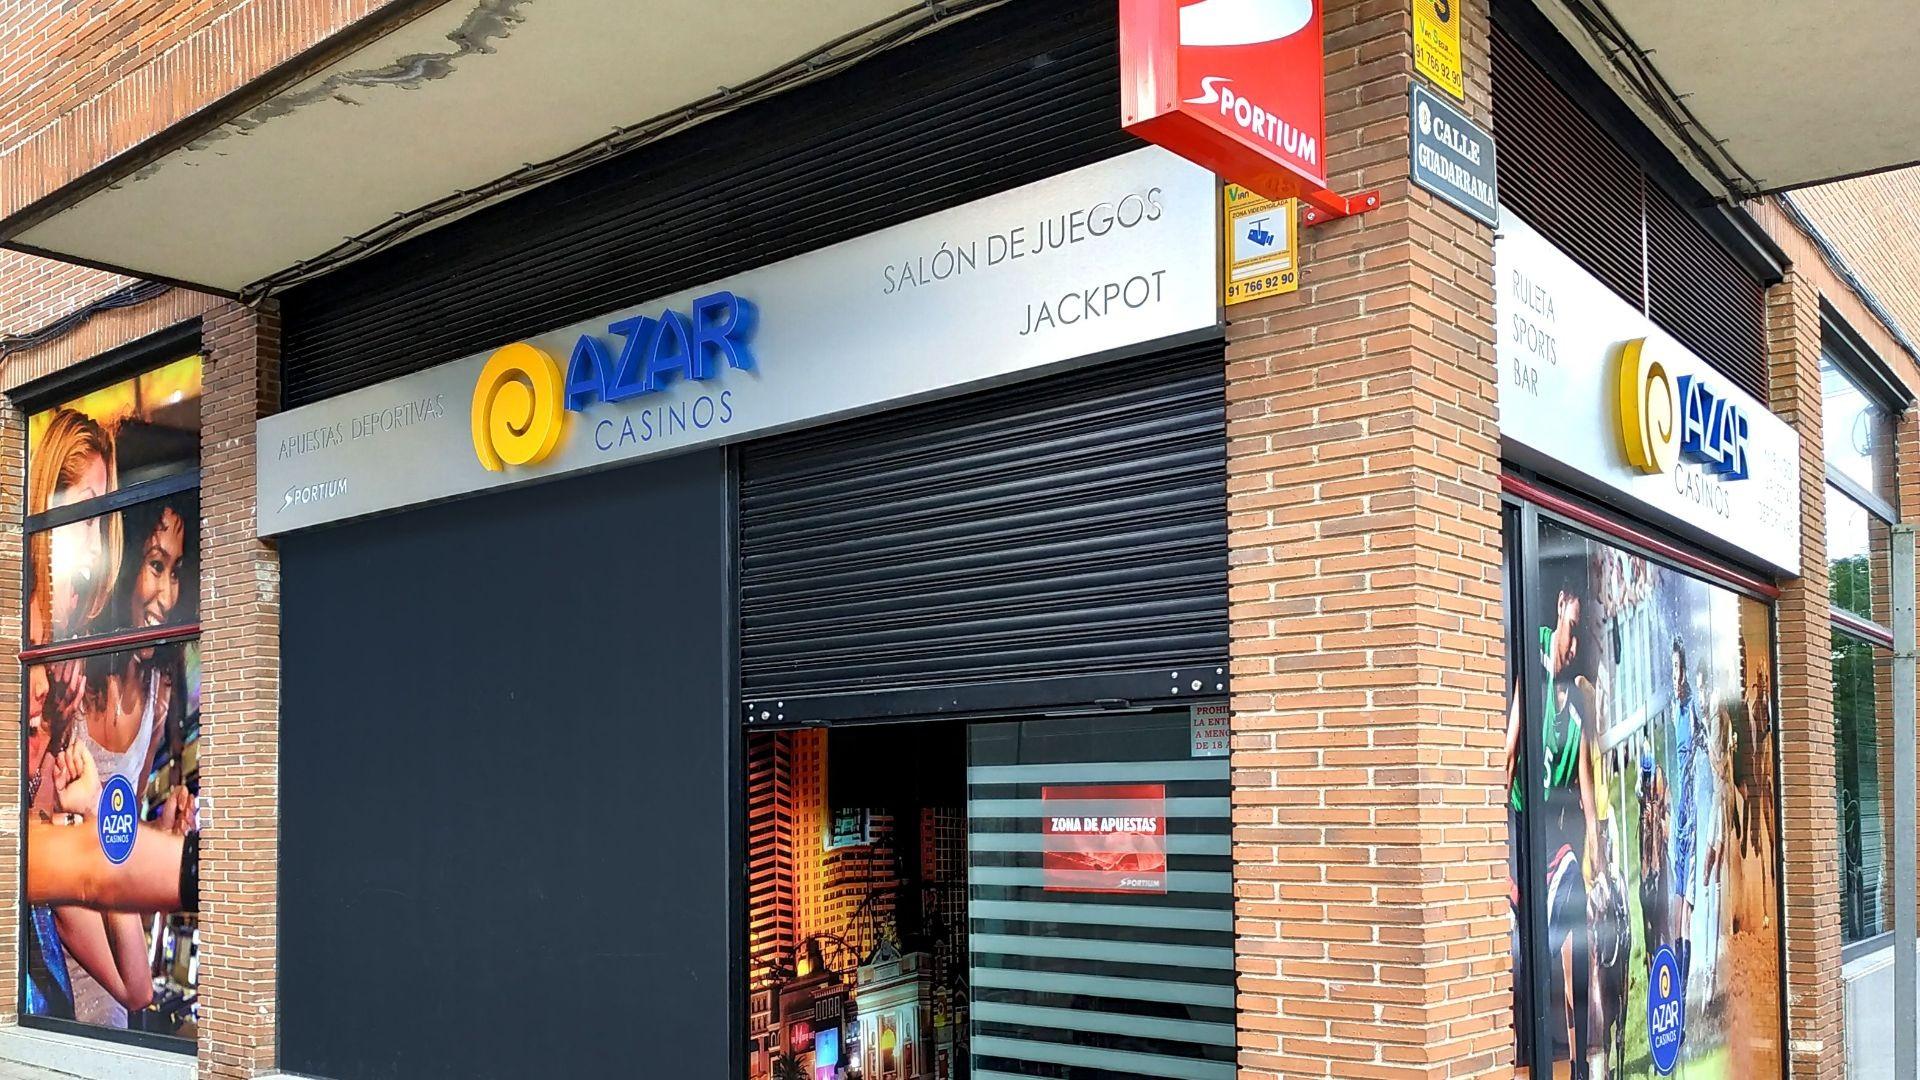 Letras corpóreas en Madrid Fabriluz, letras corpóreas recortadas